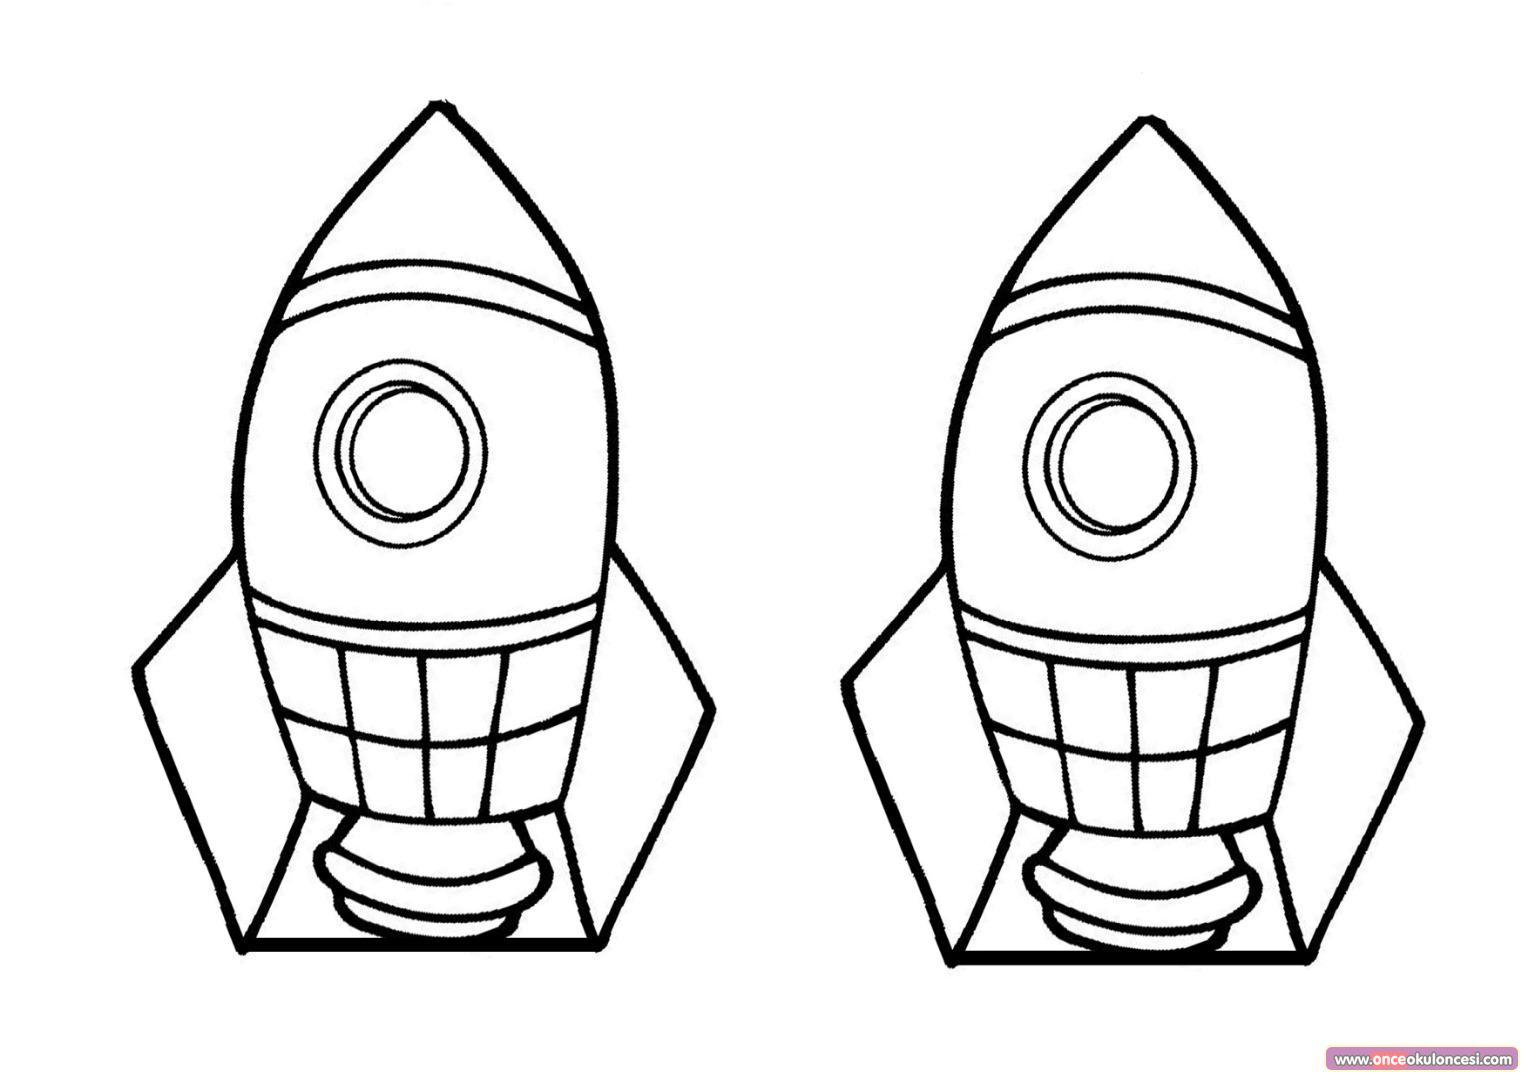 Pipetle Ufleme Hava Basinci Roket Deneyi Roket Kalibi Okul Oncesi